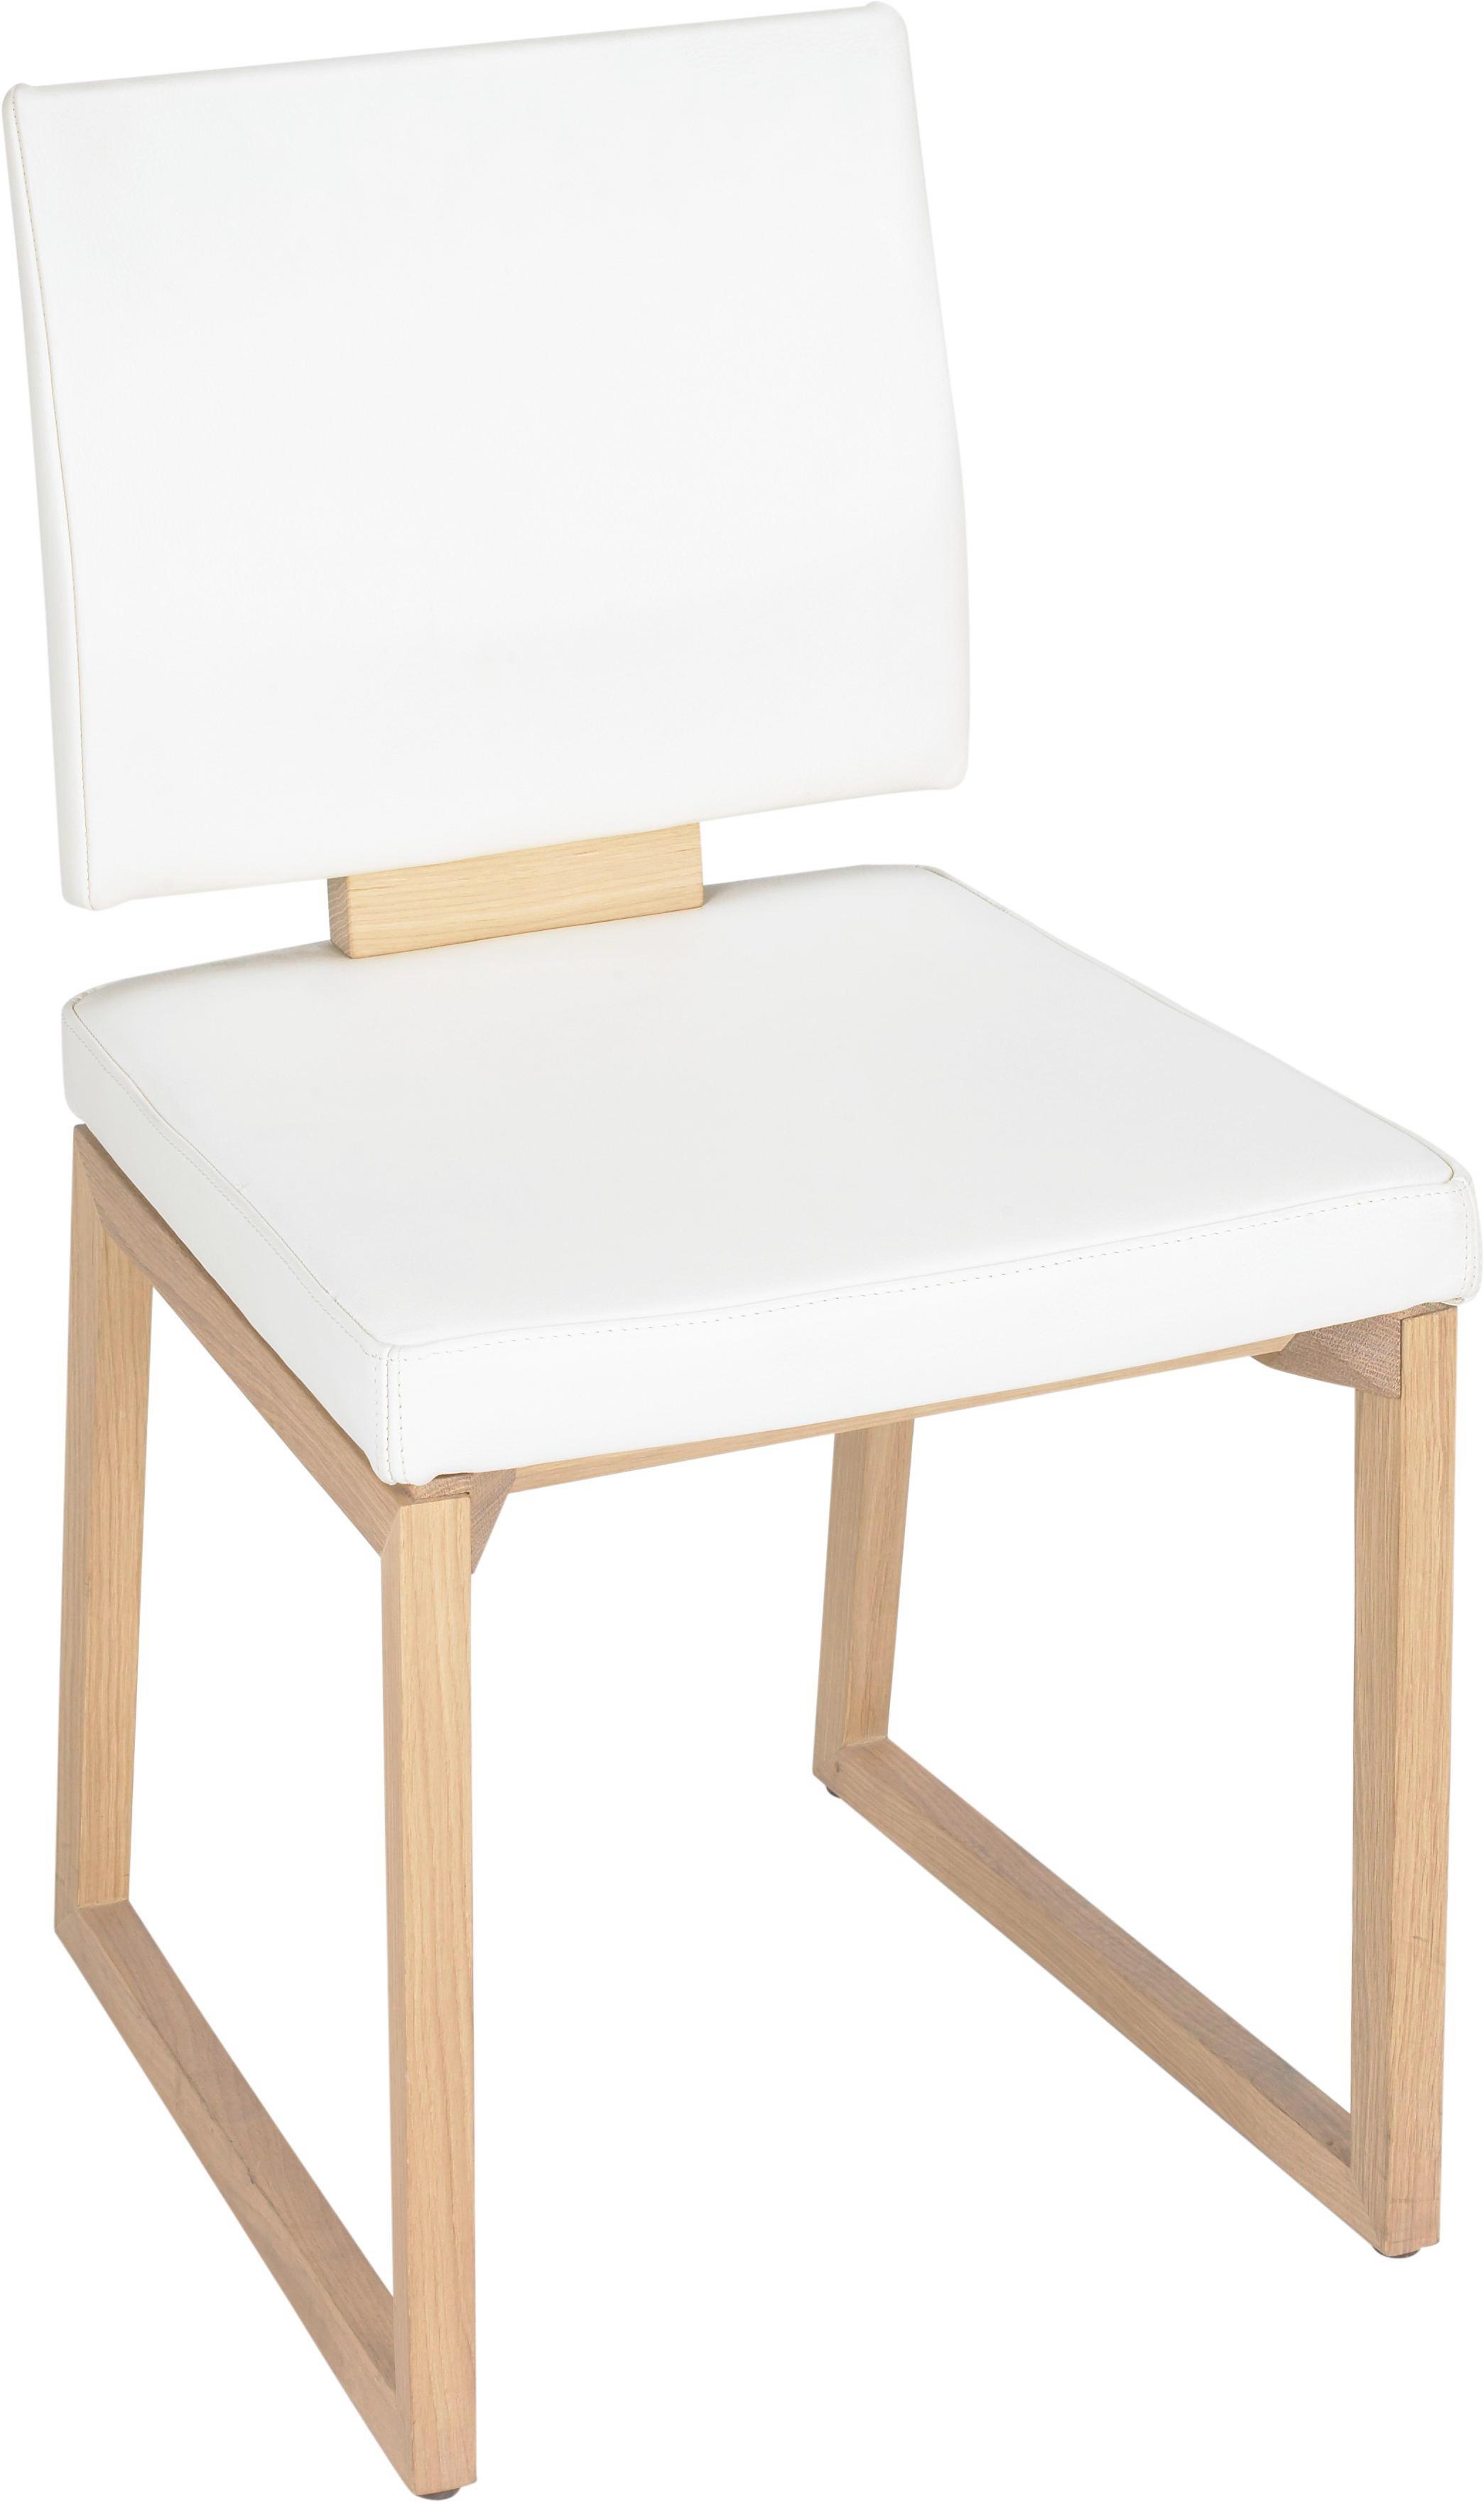 STUHL Echtleder Wildeiche Beige, Eichefarben - Eichefarben/Beige, Design, Leder/Holz (47/86/53cm) - VOGLAUER